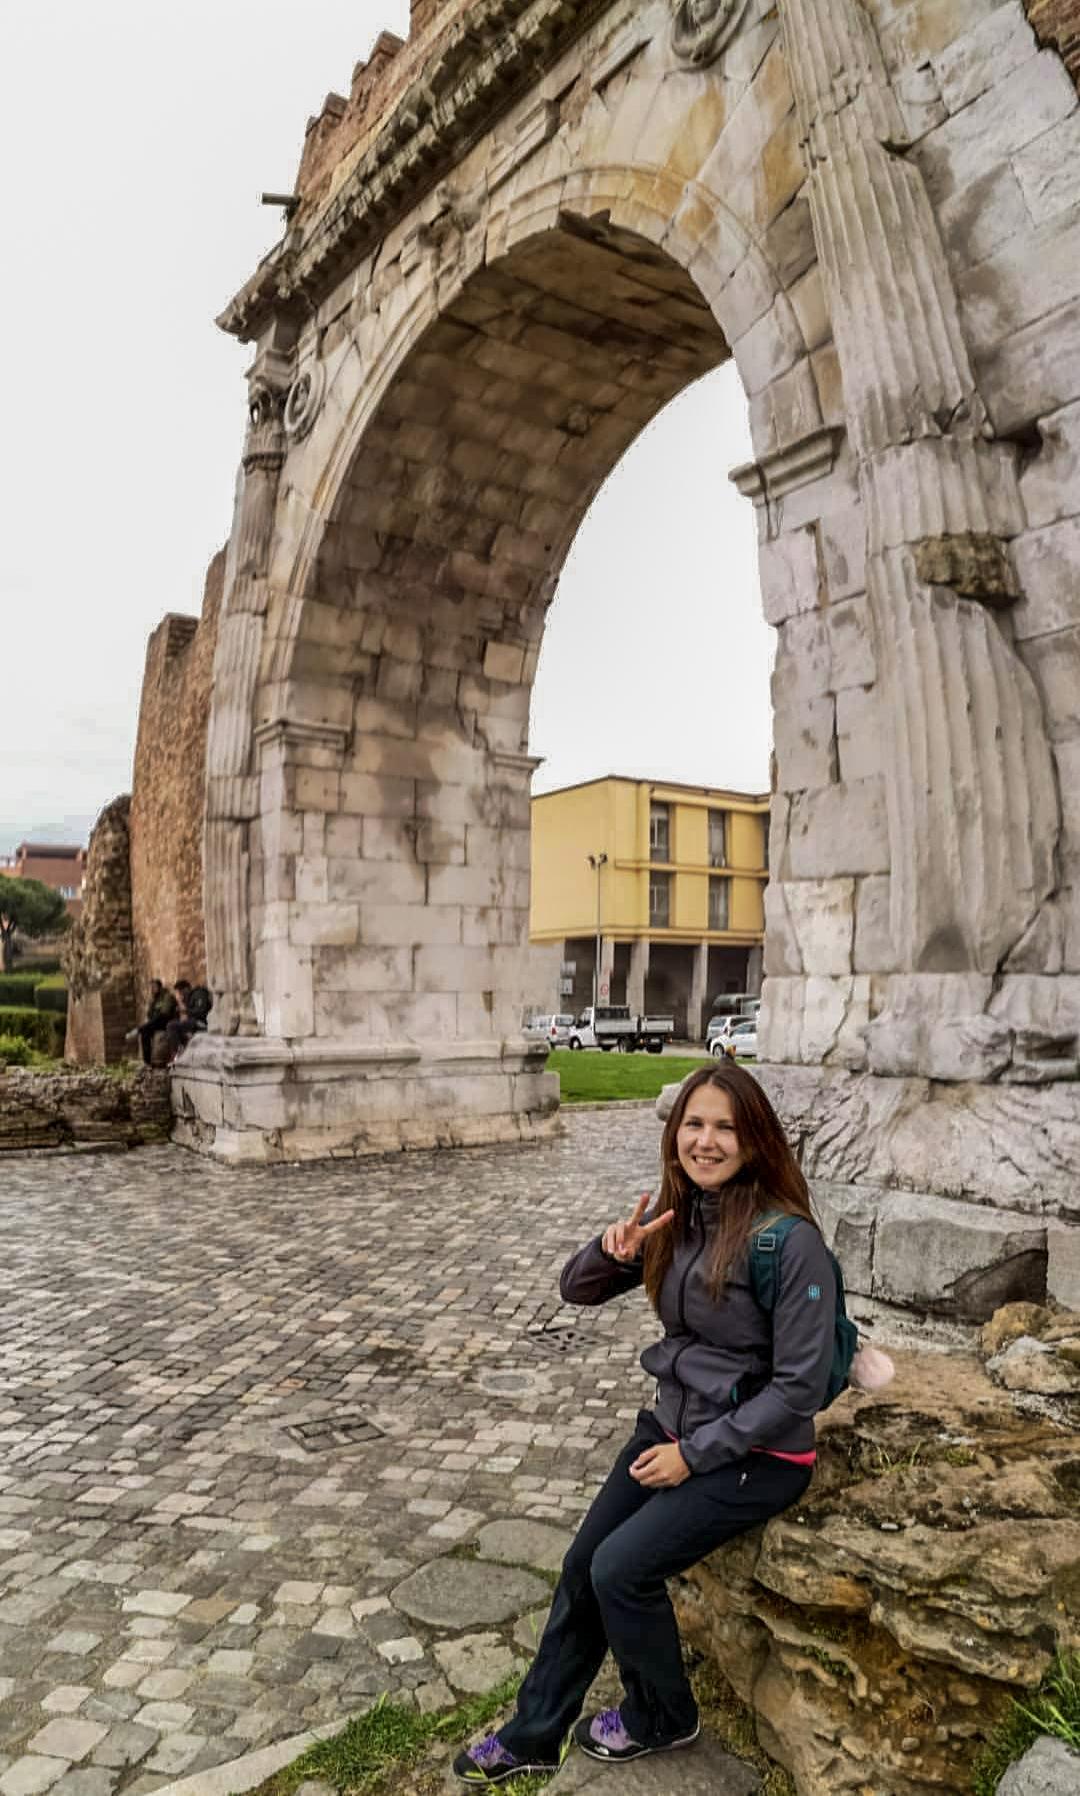 italia rimini arch of augustus